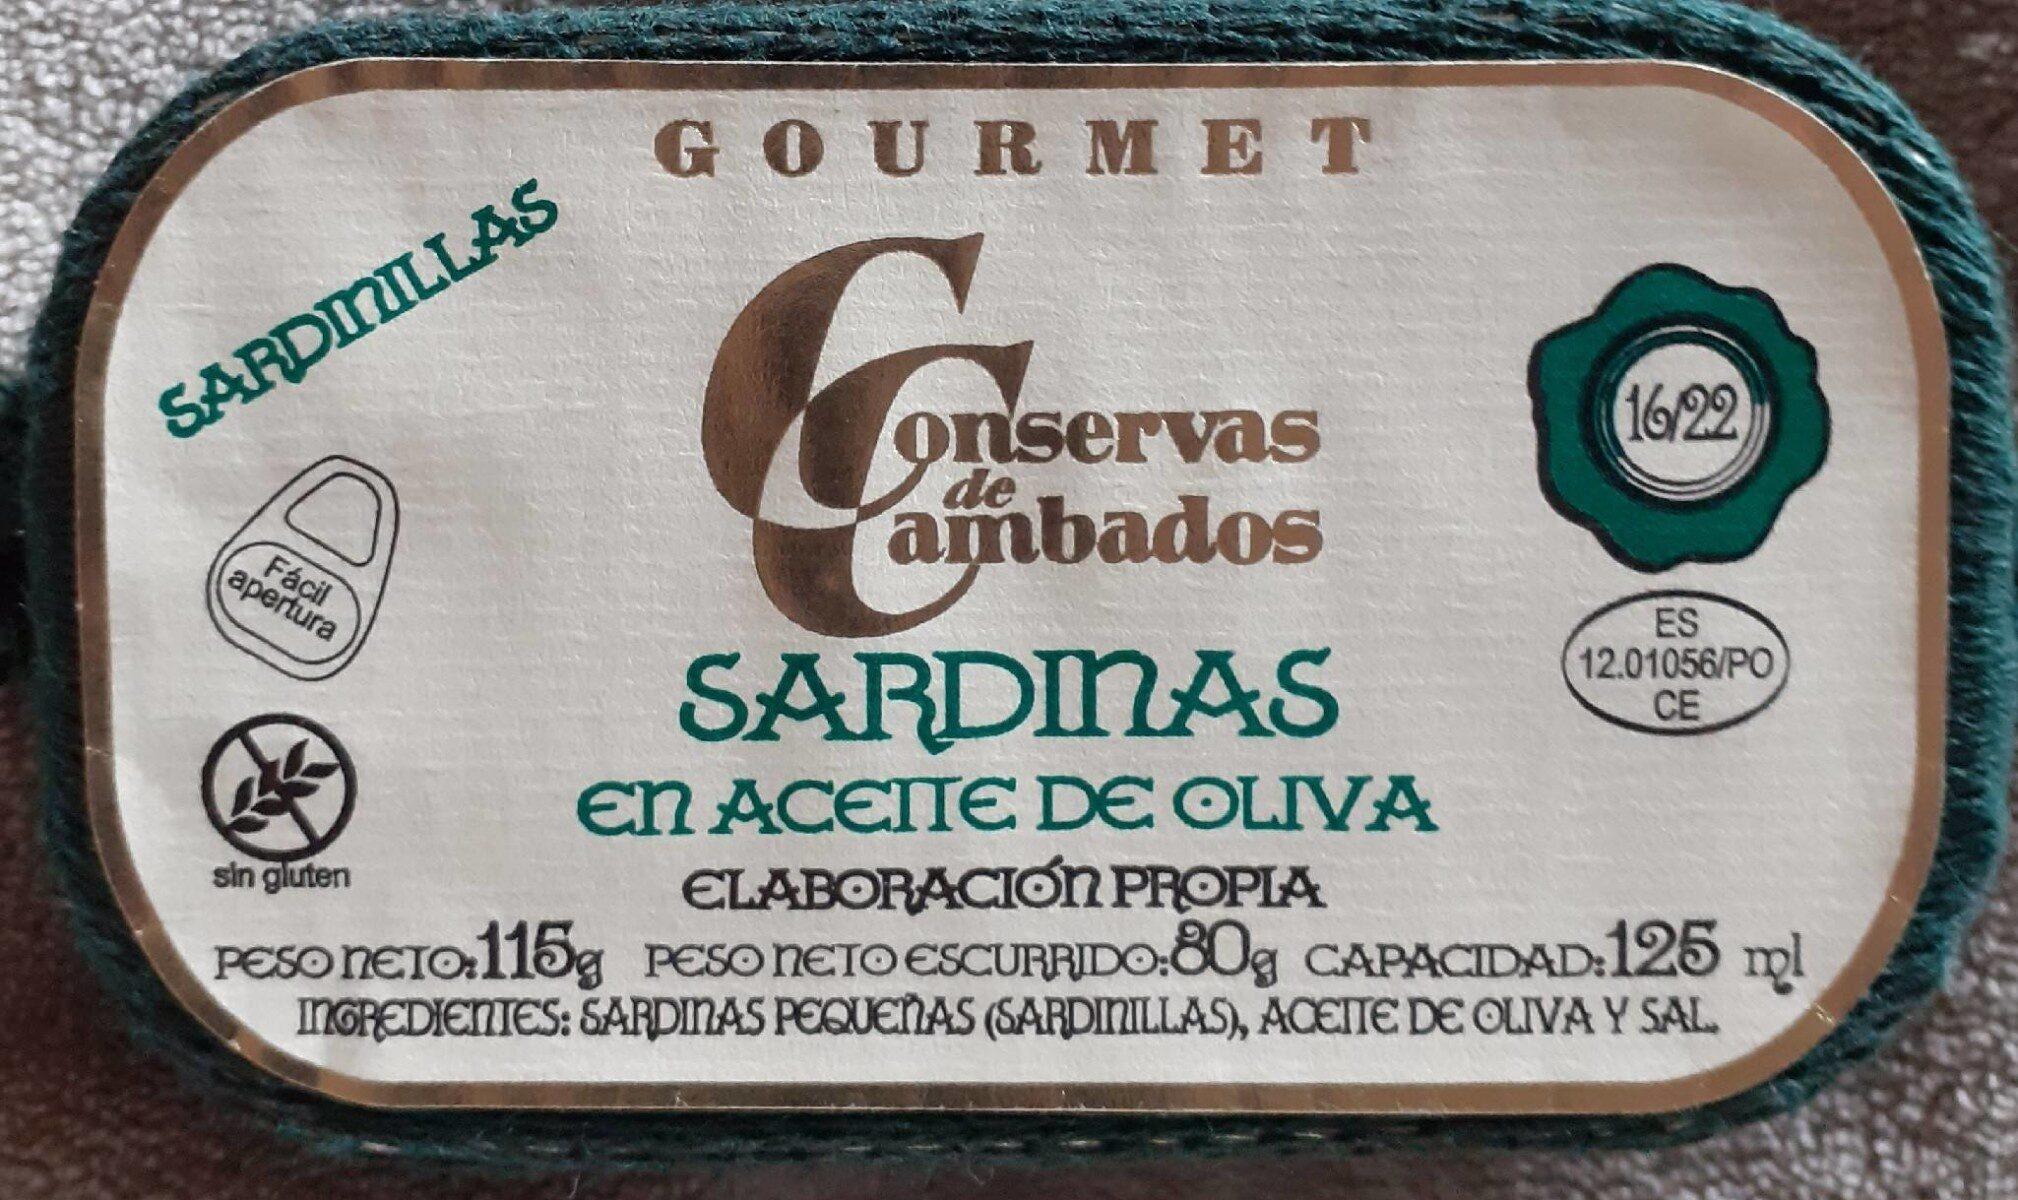 Sardinas en aceite de oliva Gormet - Producto - en